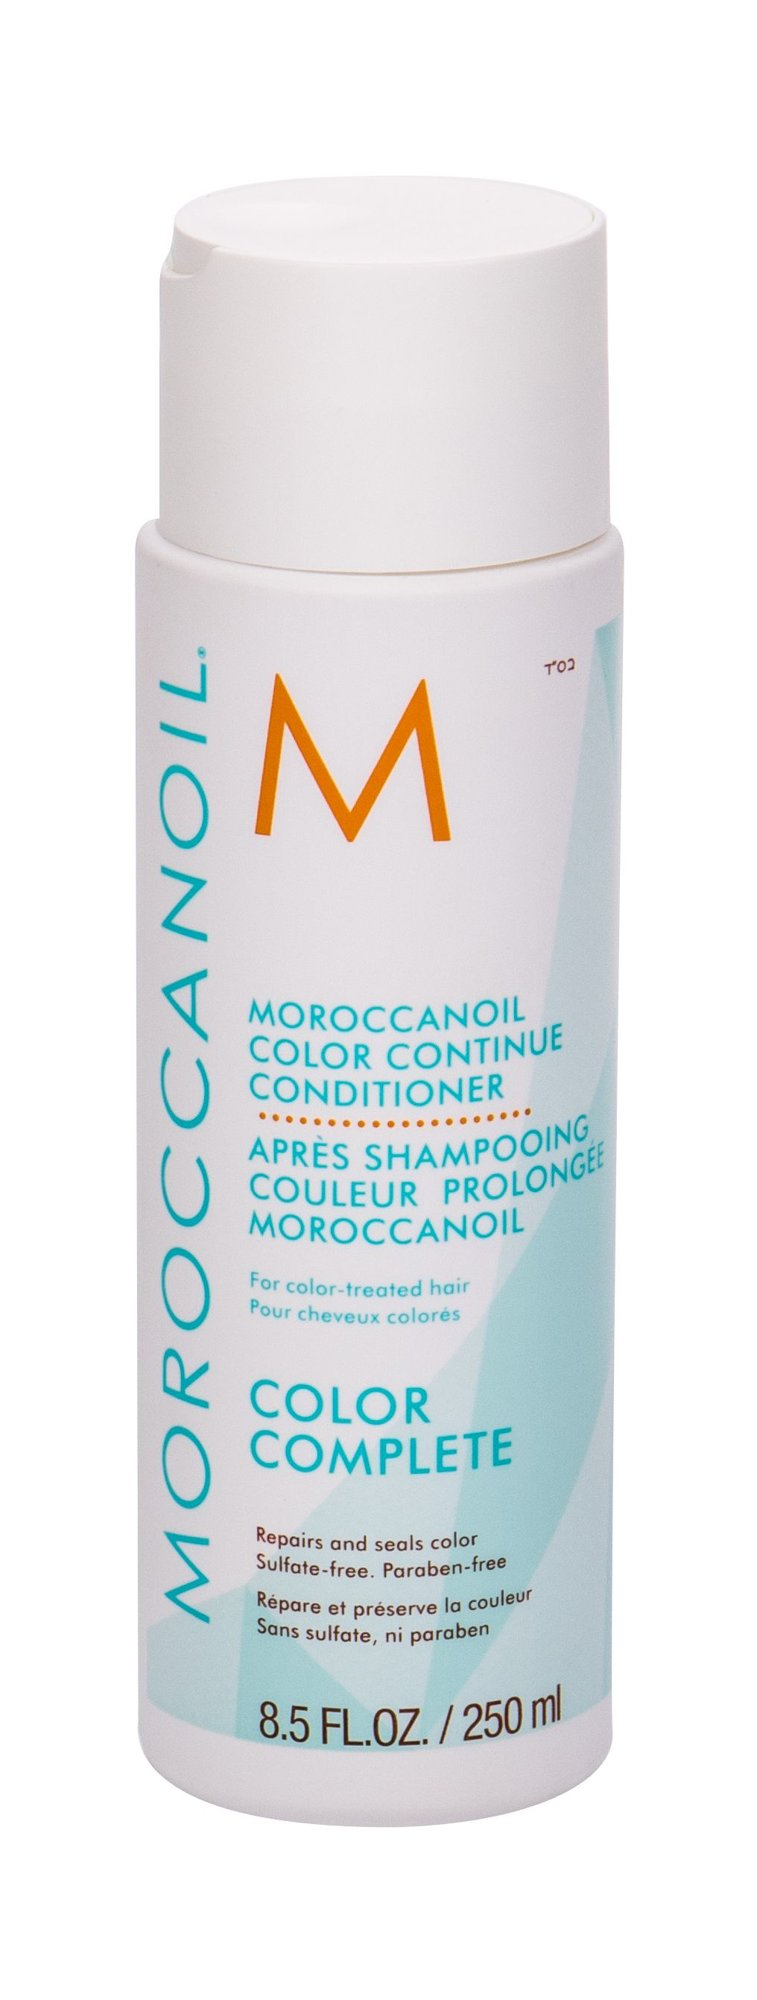 Moroccanoil Color Complete Conditioner 250ml